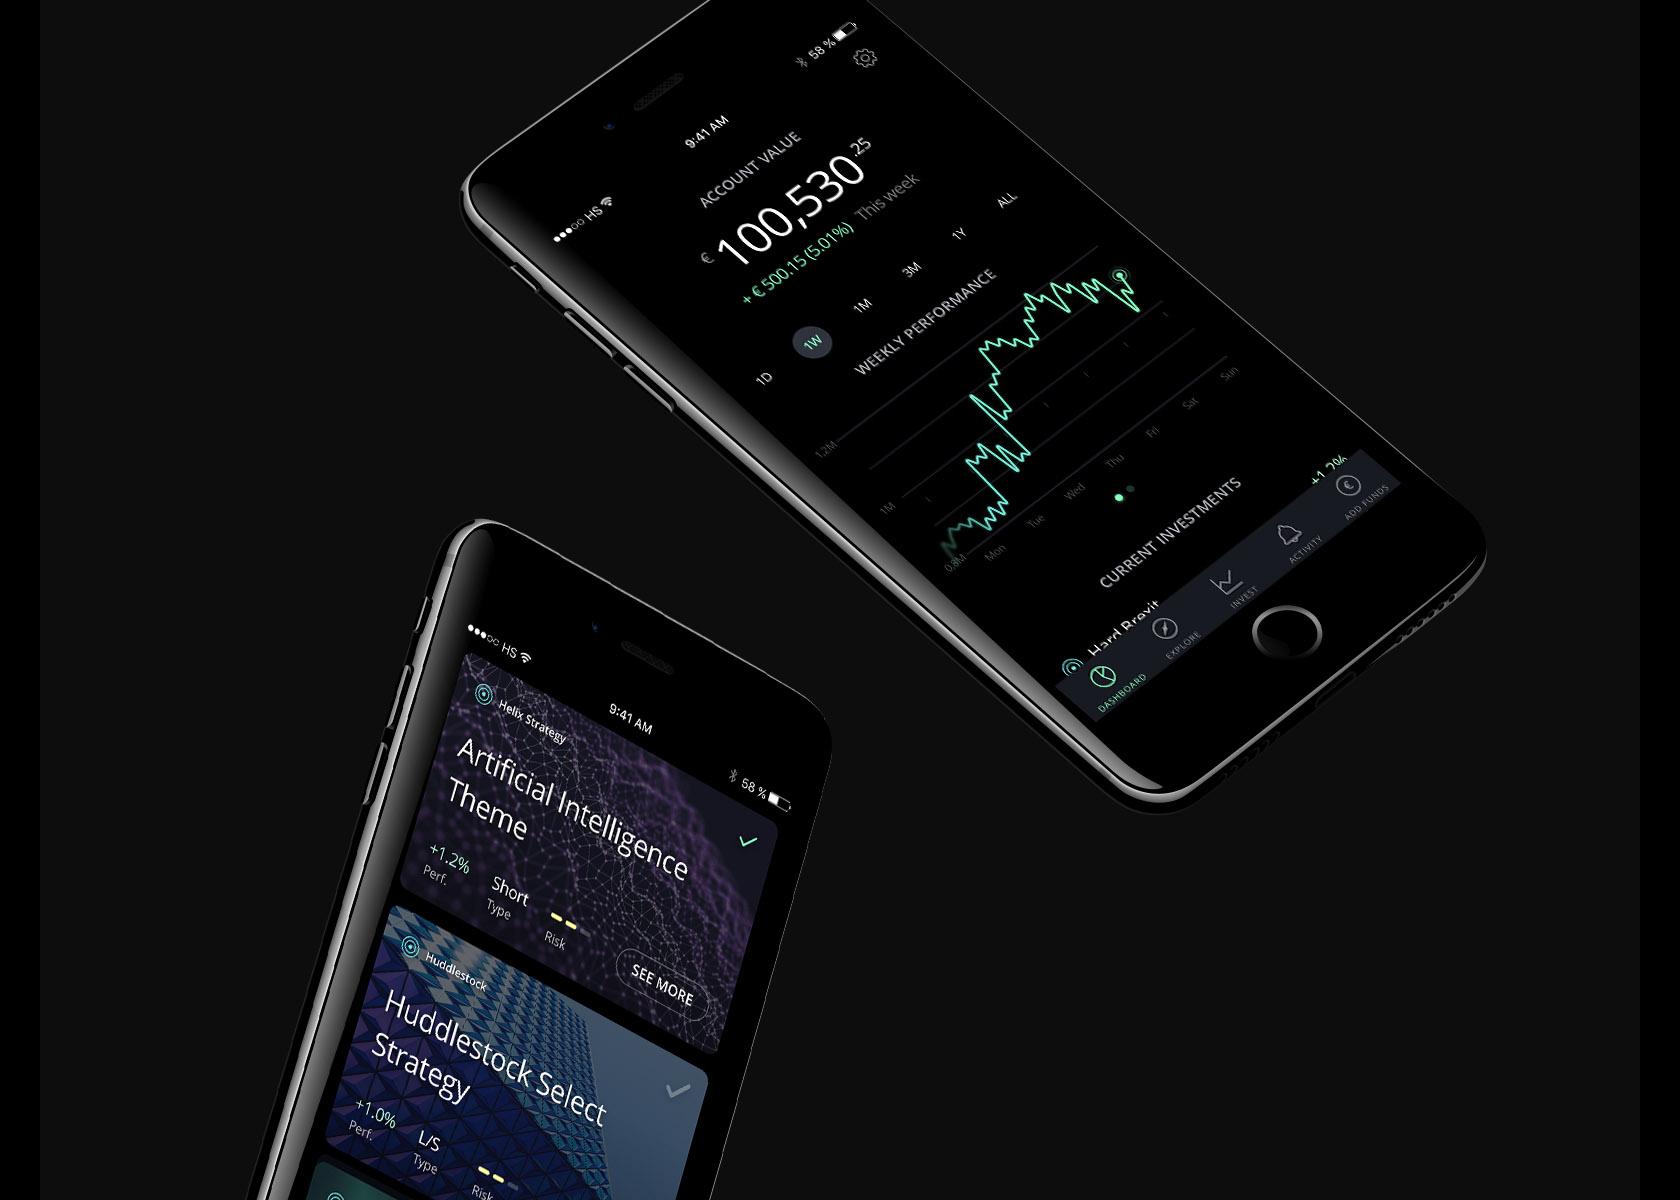 Toptal designer showcase Huddlestock fintech mobile app